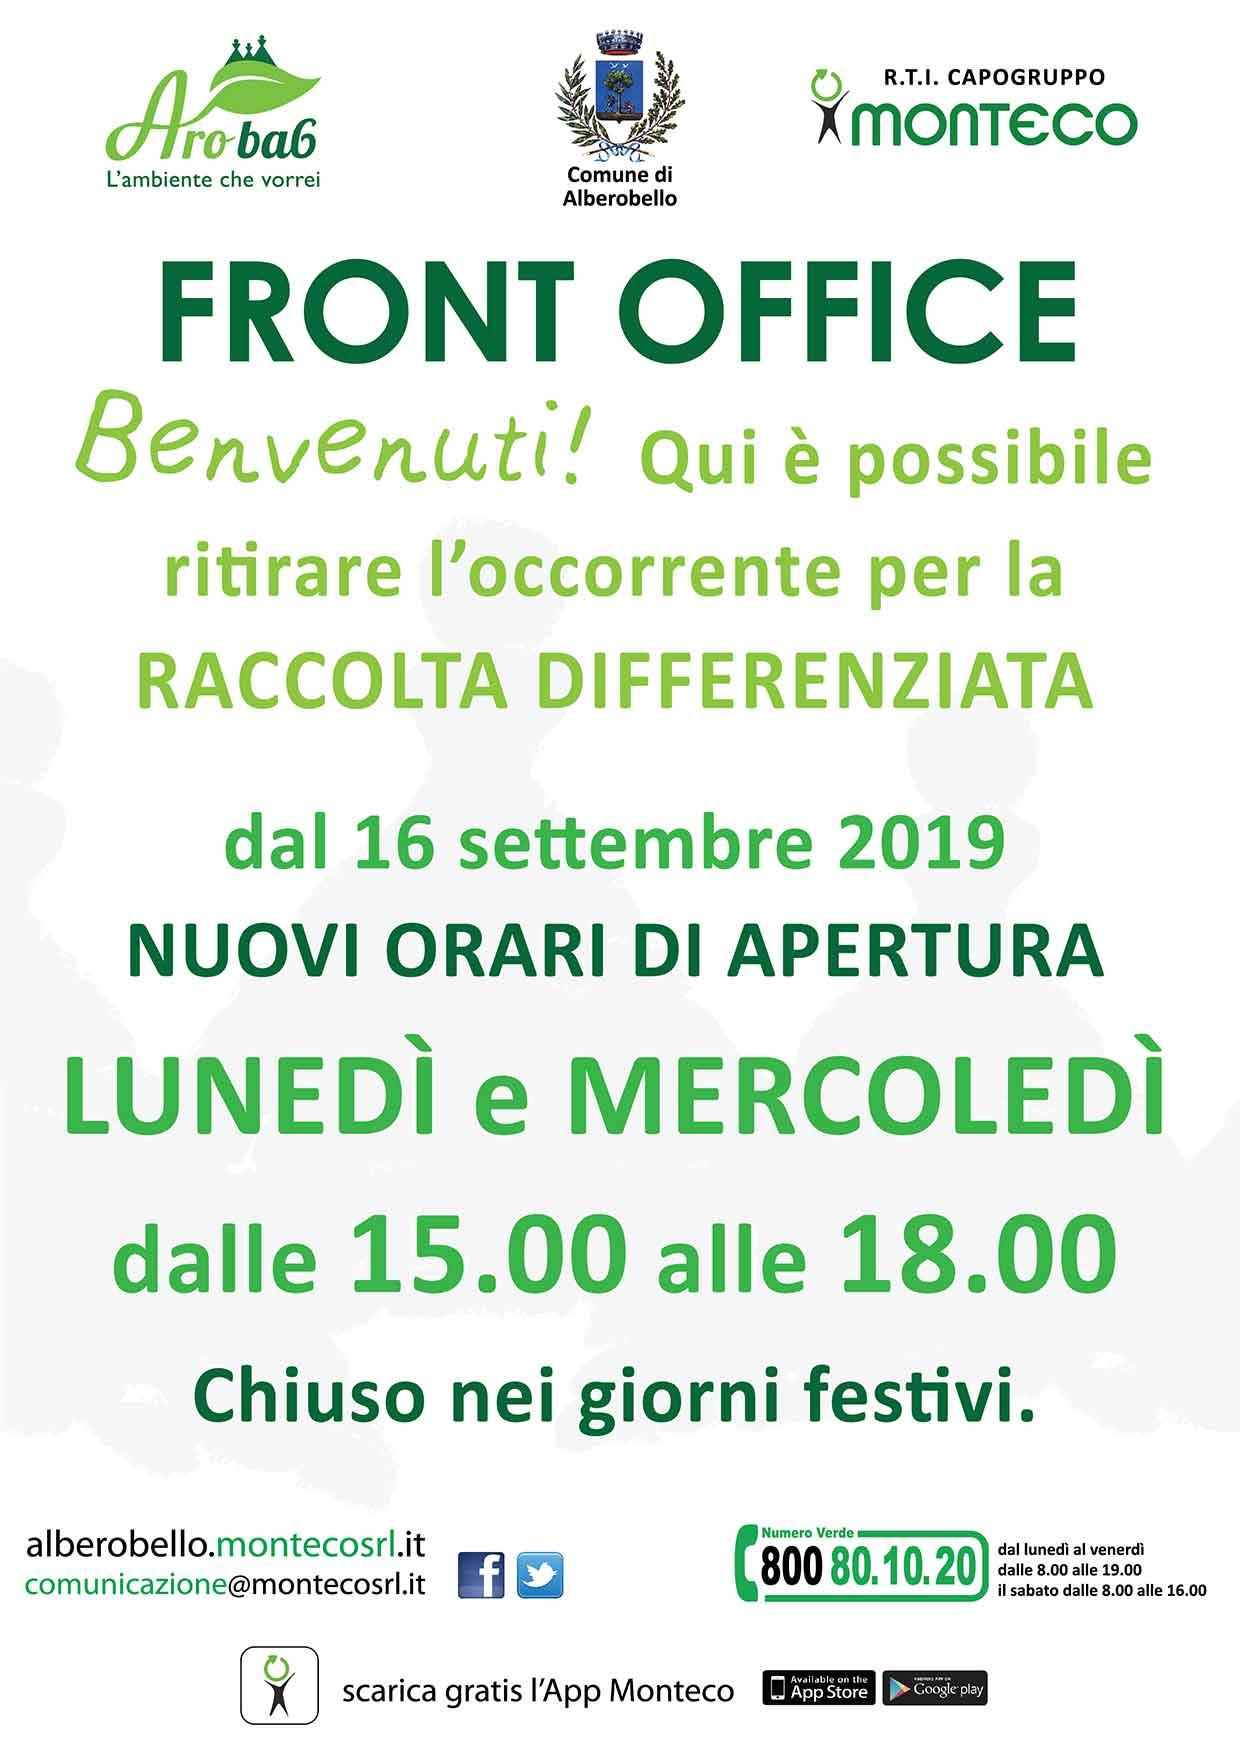 Front Office Alberobello: Nuovi orari di apertura